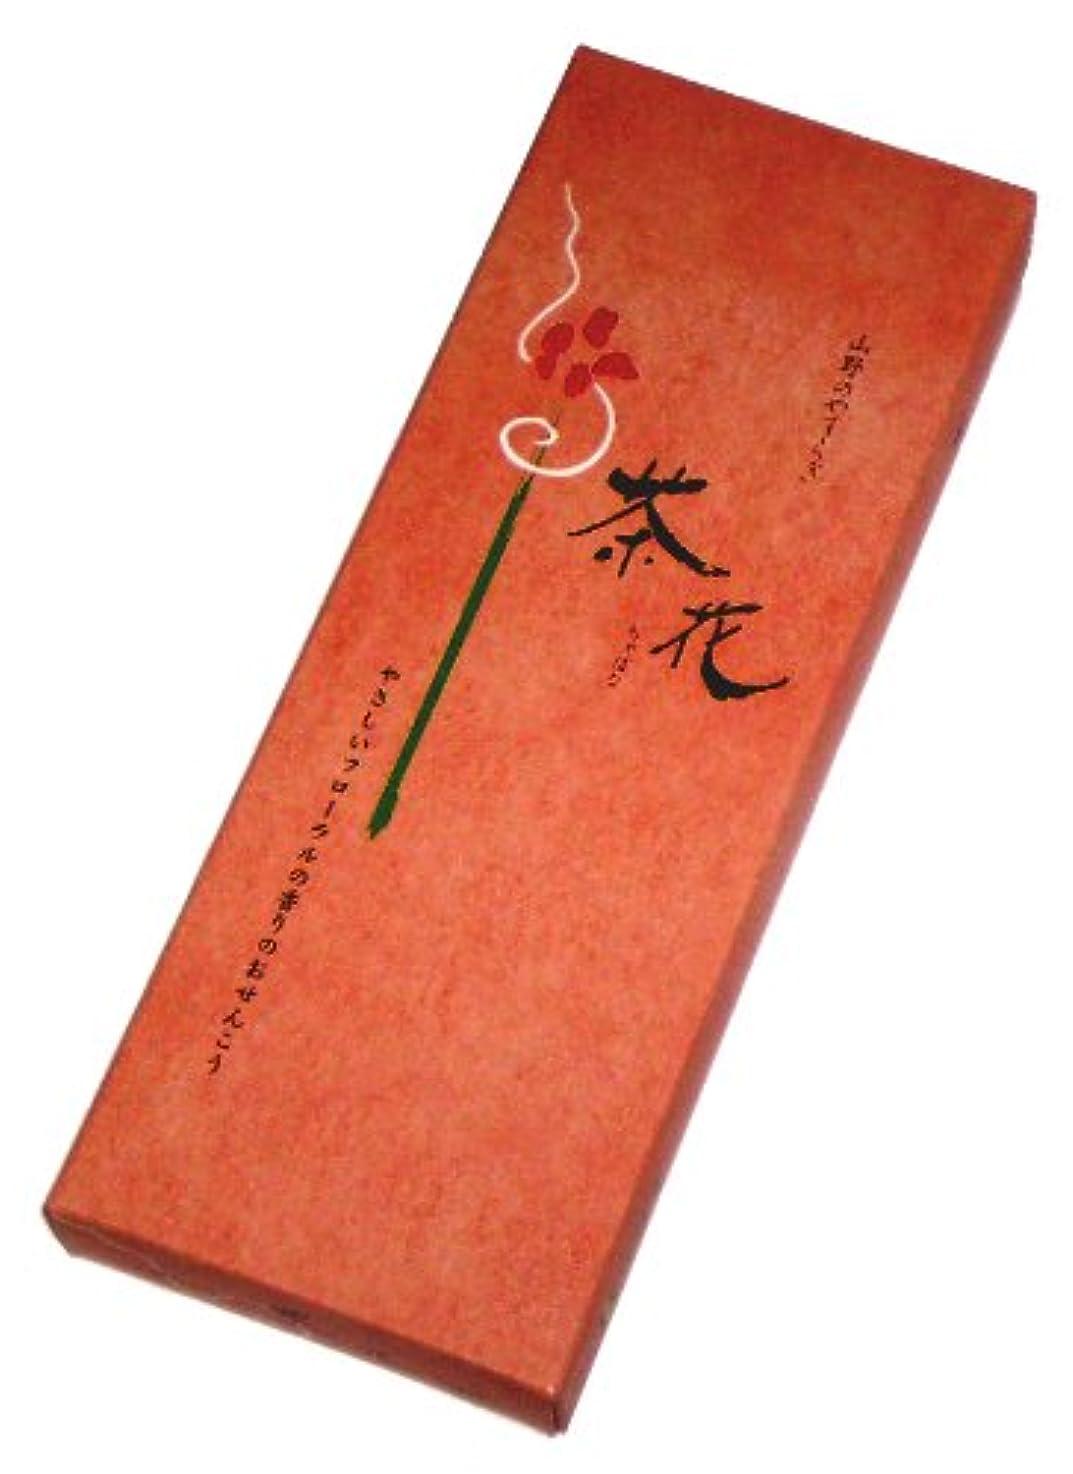 干渉する田舎者食品尚林堂のお線香 茶花 有煙 長寸バラ